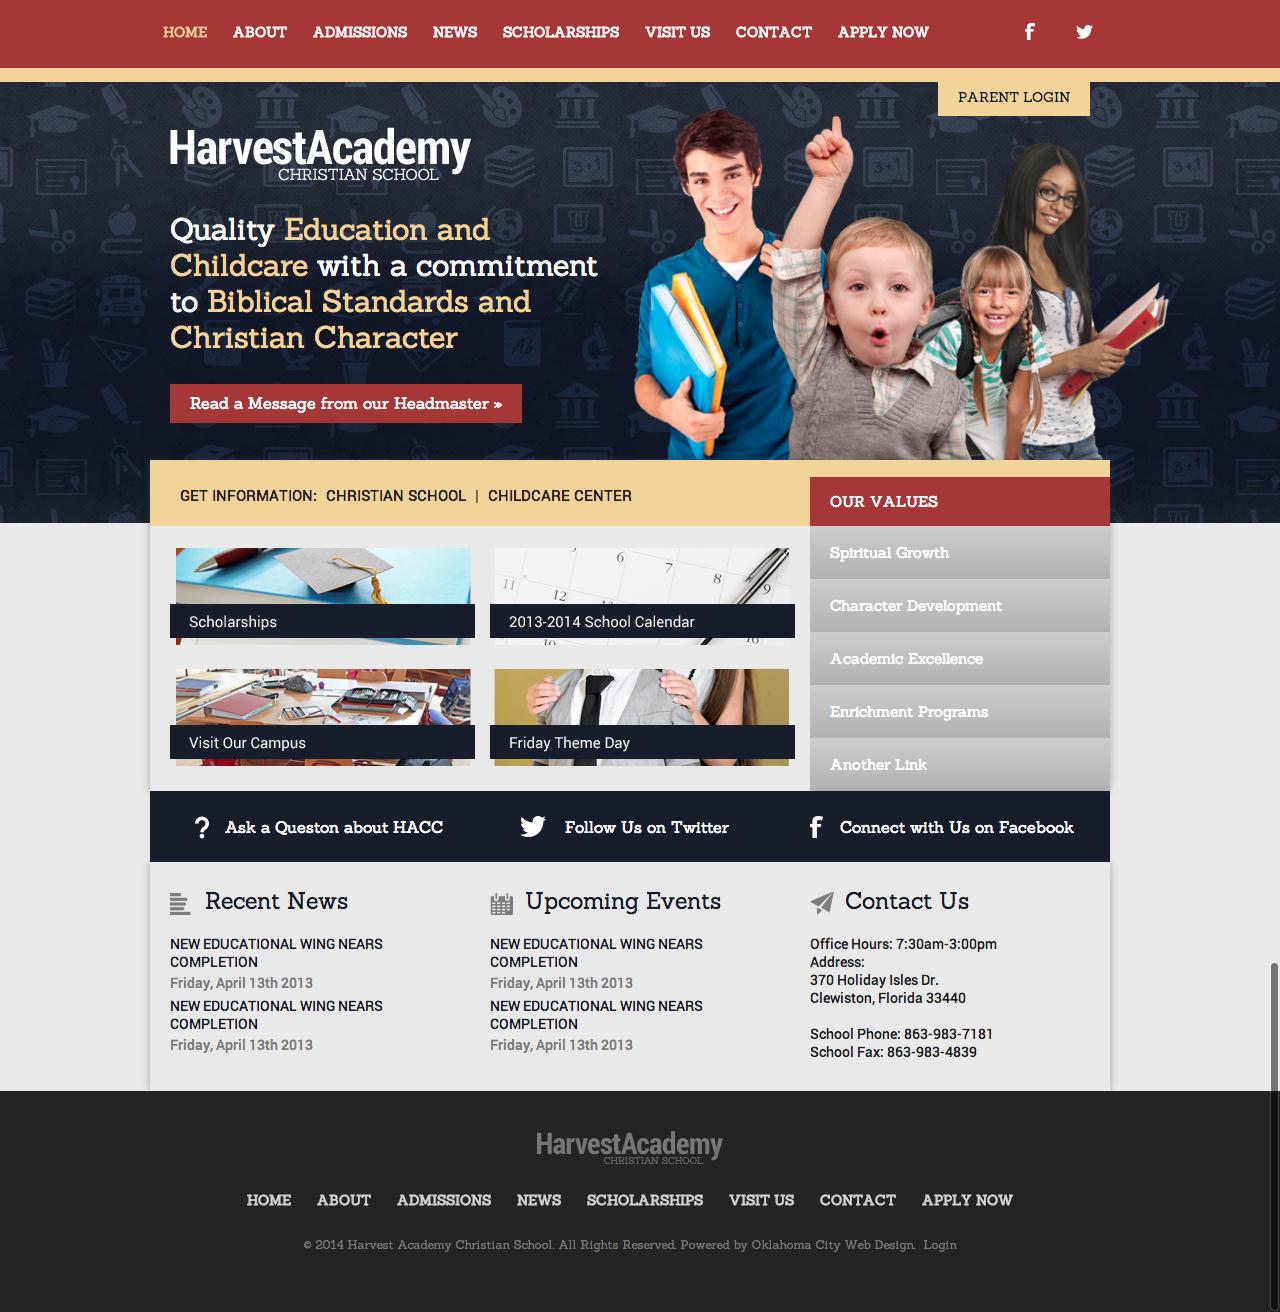 web design services orlando florida